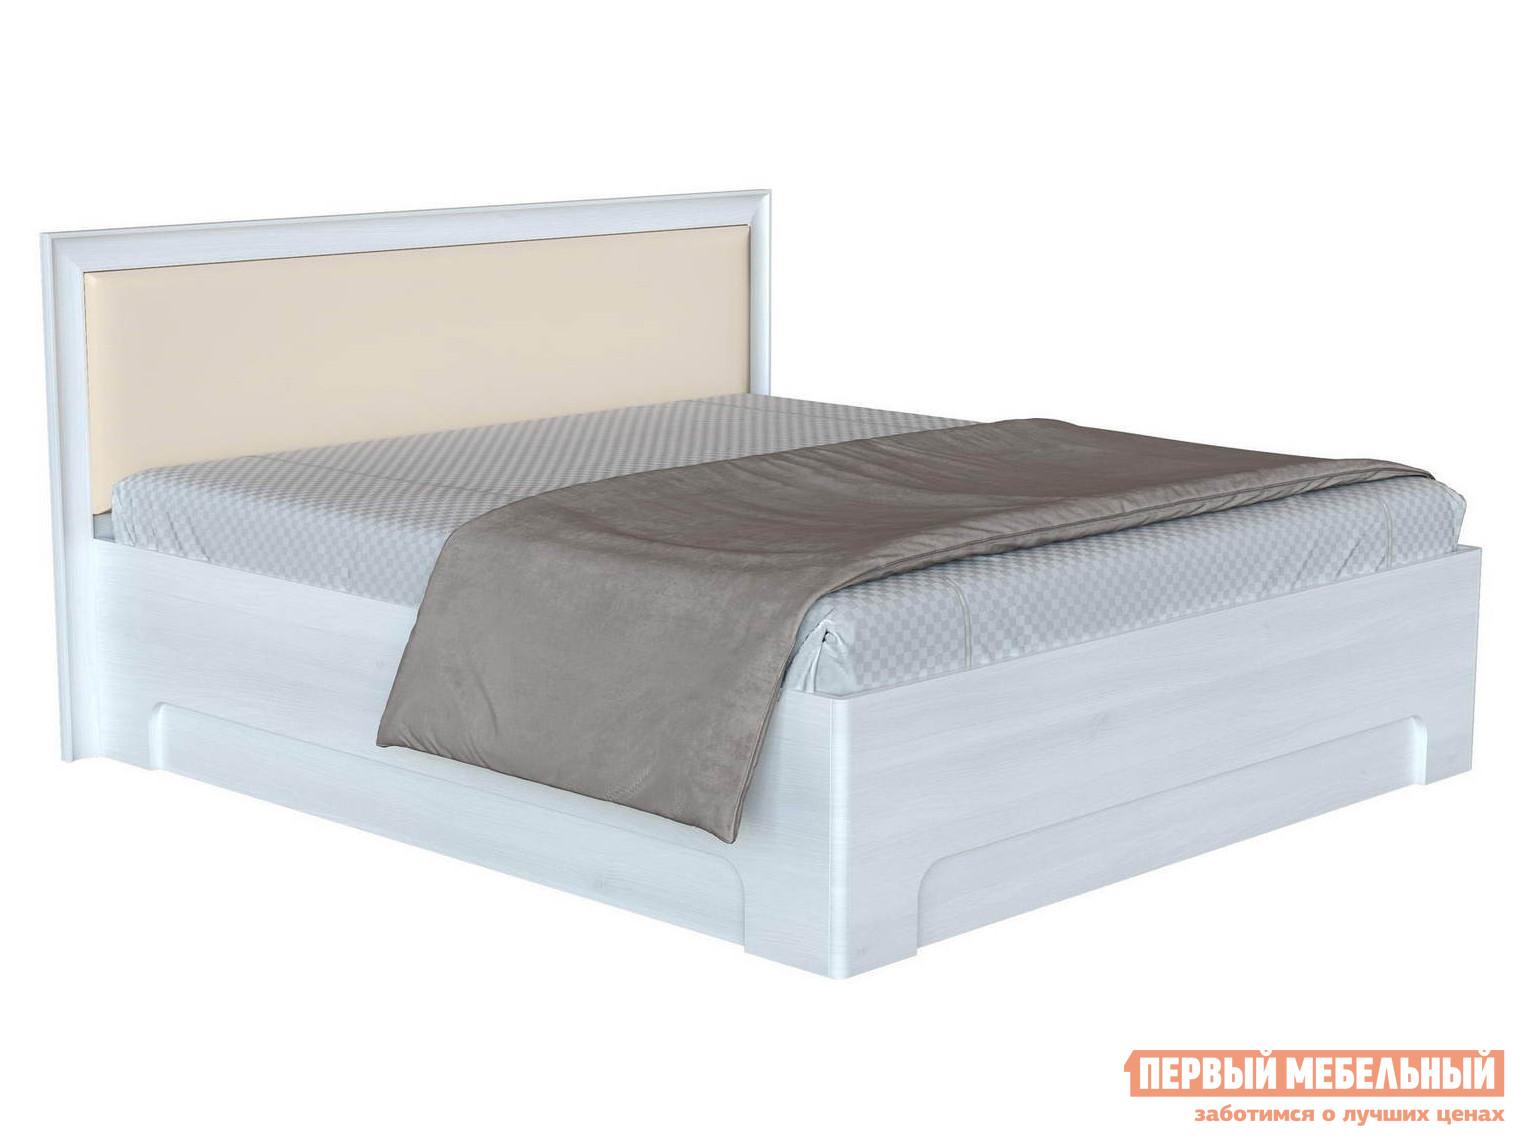 Двуспальная кровать с изголовьем из экокожи Первый Мебельный Прато 1 ПМ двуспальная кровать первый мебельный кровать бланес без пм кровать бланес с пм